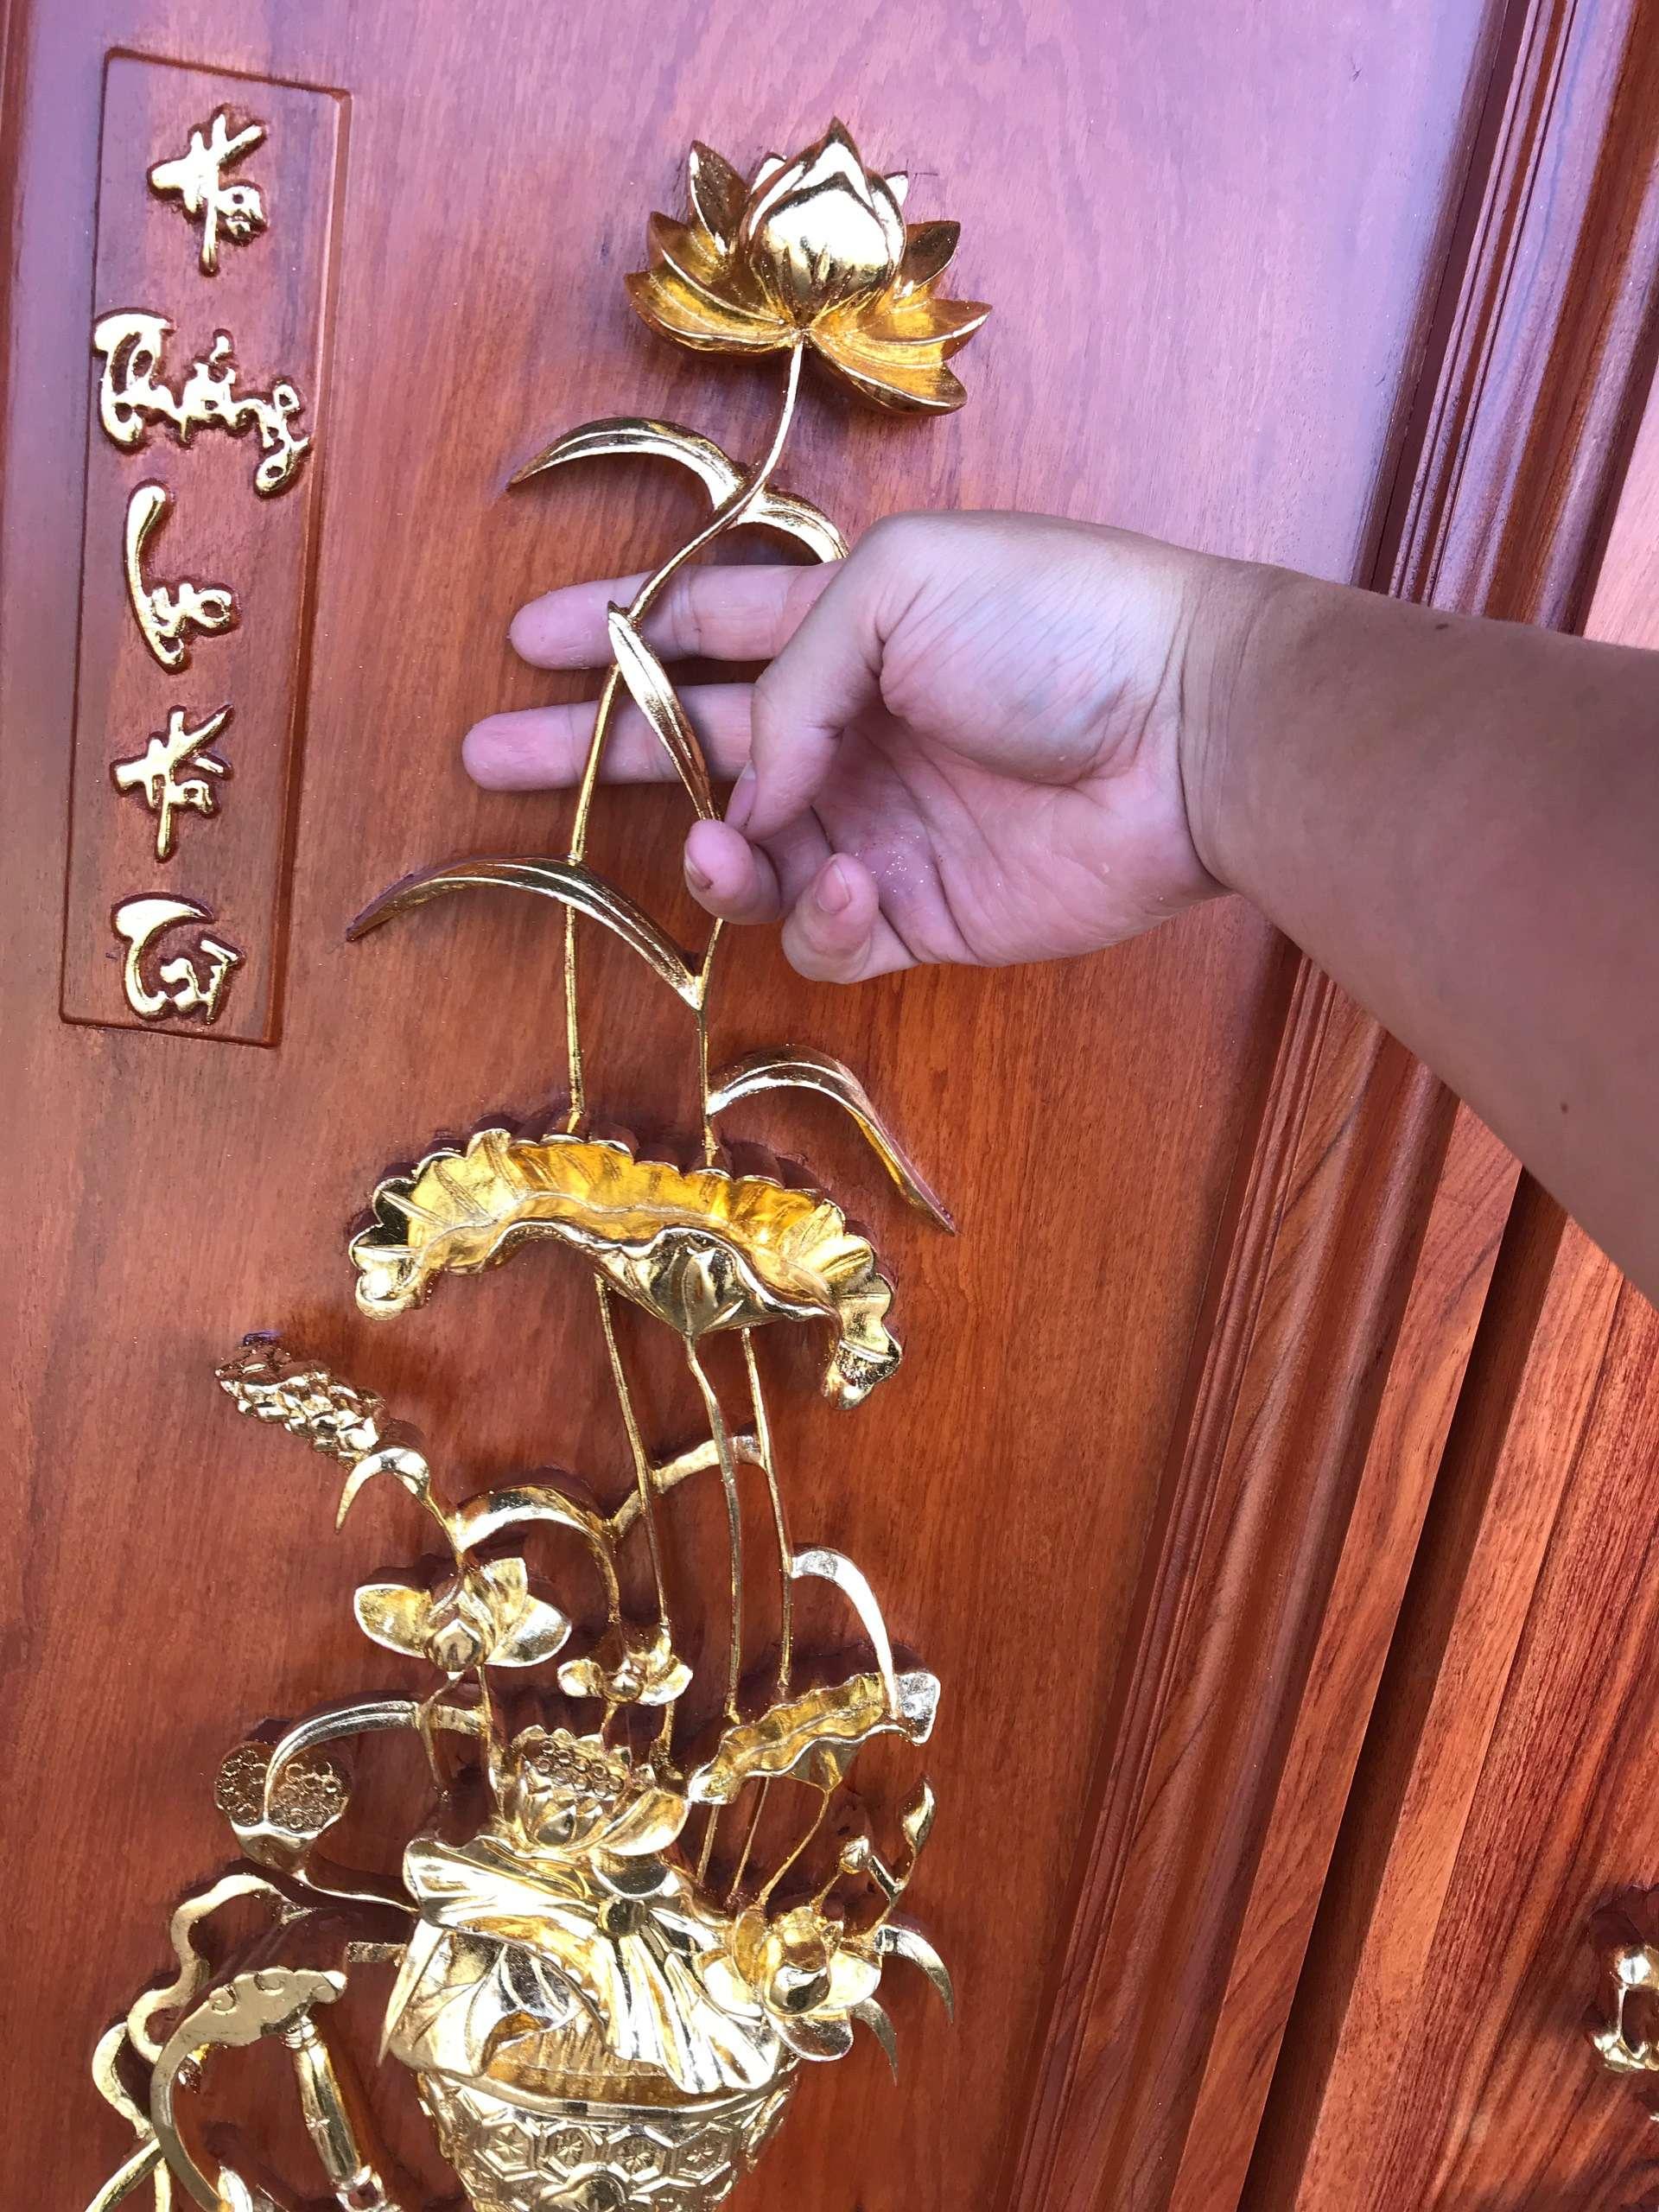 Tranh Tu Binh Son Son Thep Vang - Tranh Tứ Bình Sơn Son Thiếp Vàng MS: 15